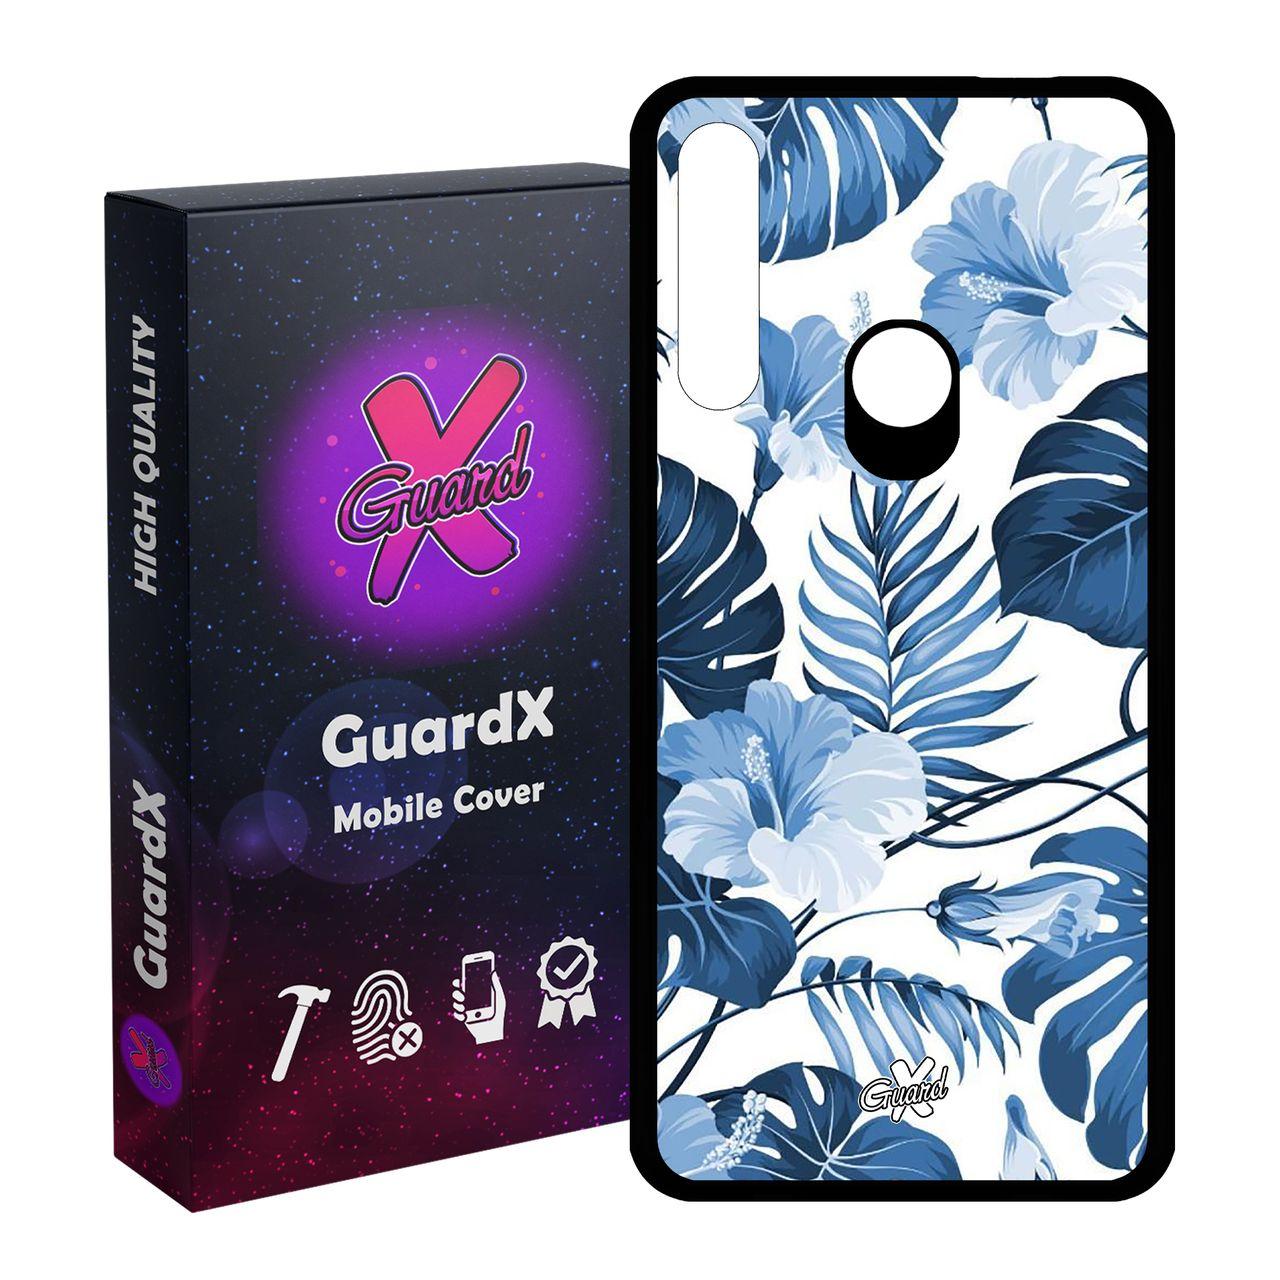 کاور گارد ایکس طرح Flower مدل Glass50354 مناسب برای گوشی موبایل هوآوی P Smart Z / Y9 Prime 2019 / آنر 9X